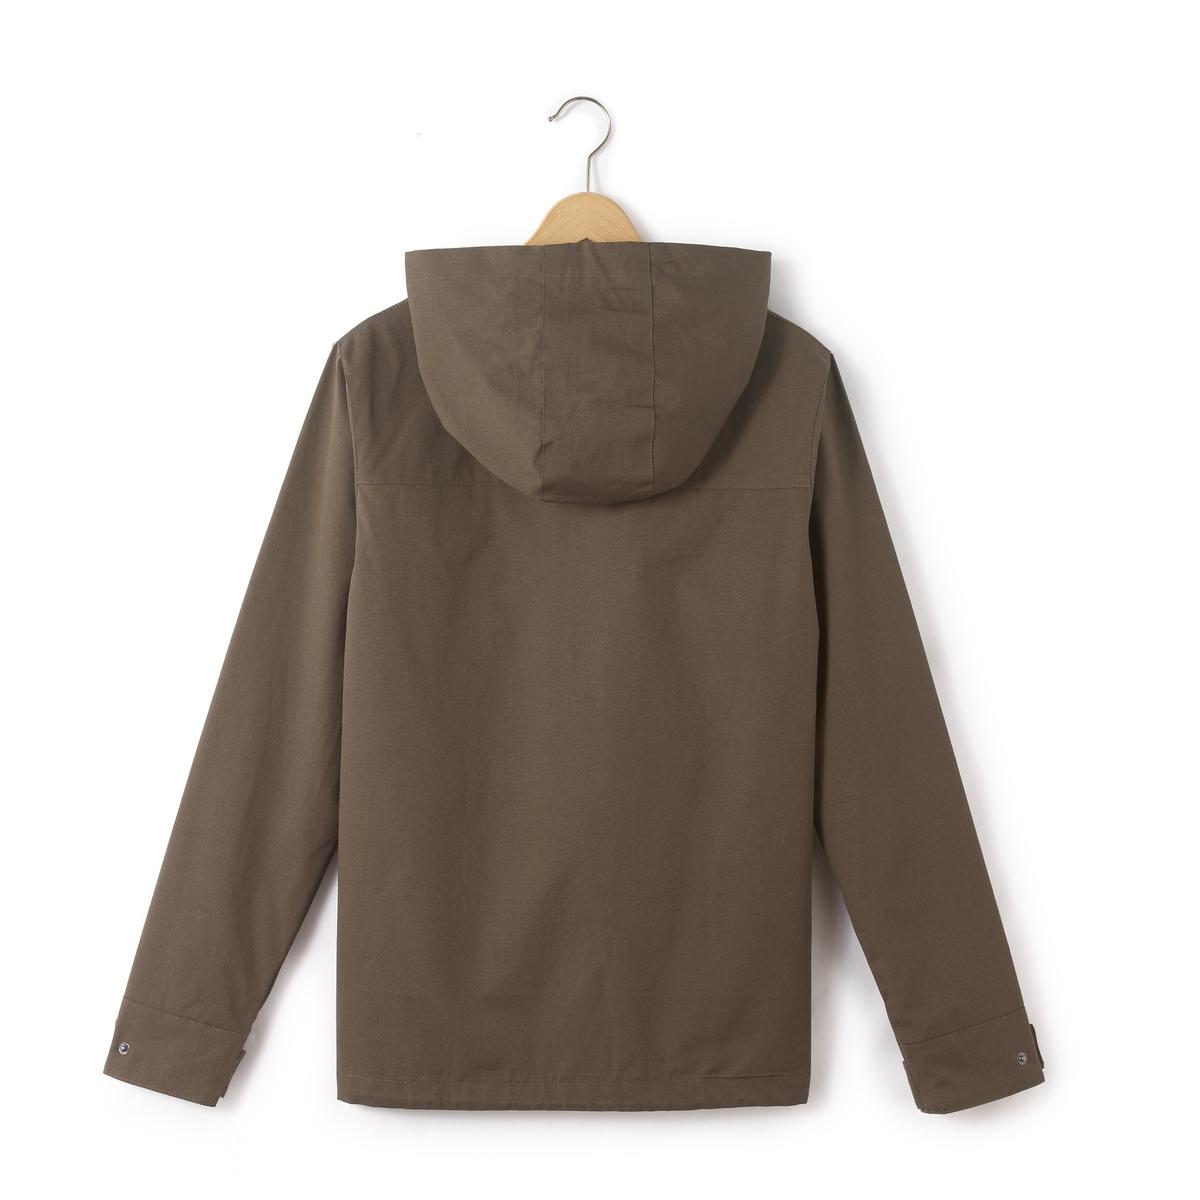 Ветровка с капюшоном 10 - 16 летВетровка-куртка с капюшоном  . Длинные рукава. Застежка на молнию. Состав и описание : Материал       100% хлопокМарка       R pop Уход : Машинная стирка при 40 °С с вещами схожих цветовСтирать и гладить с изнаночной стороныМашинная сушка в умеренном режимеГладить при низкой температуре<br><br>Цвет: хаки<br>Размер: 10 лет - 138 см.14 лет